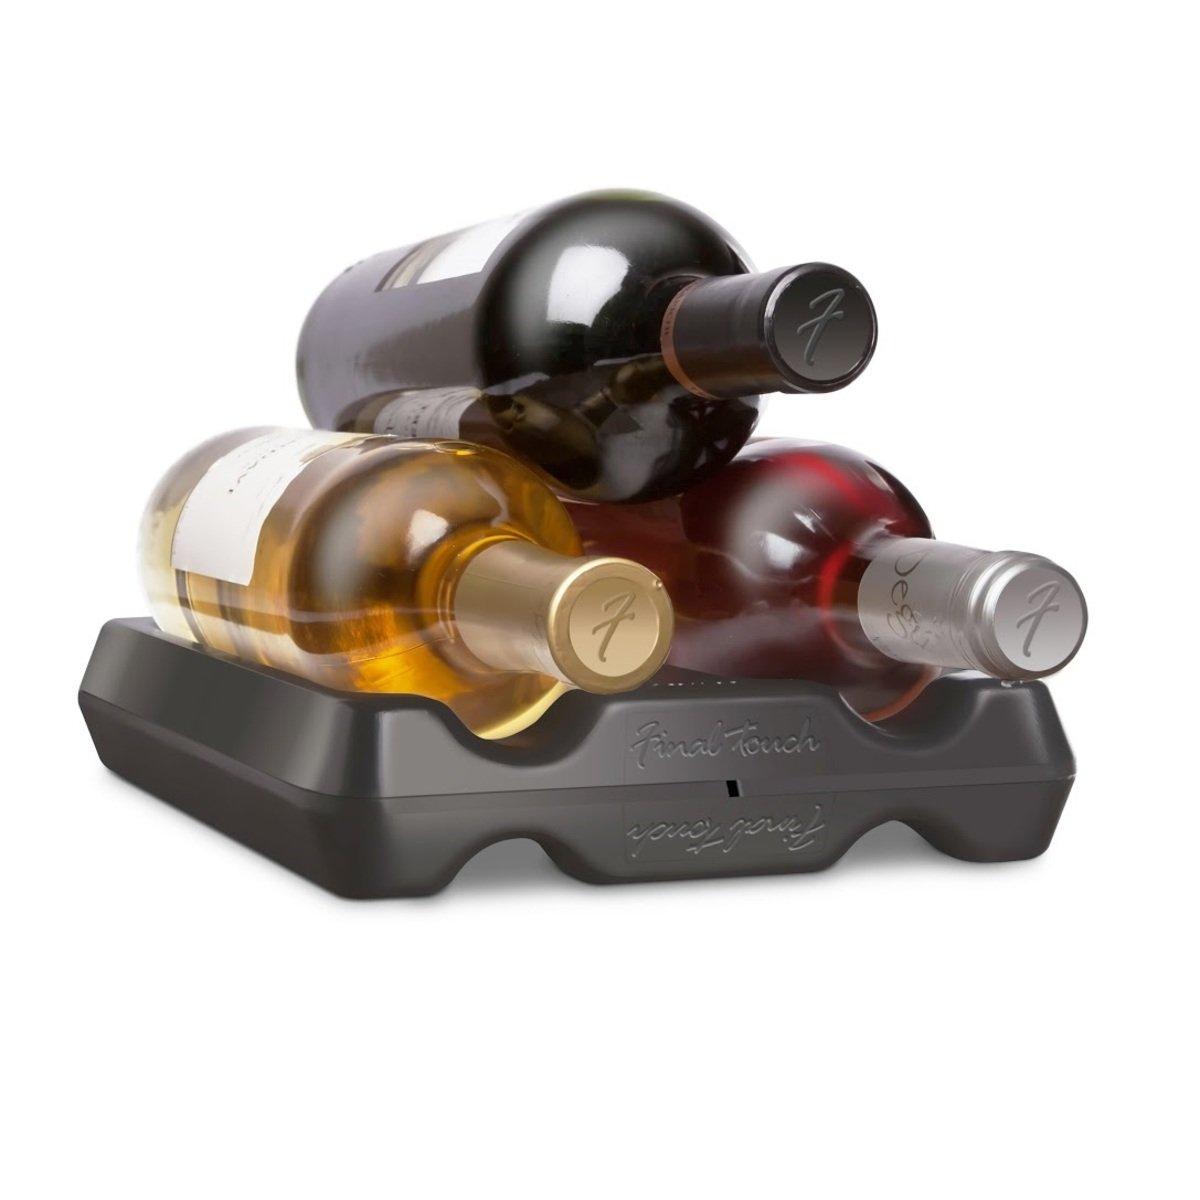 葡萄酒組合式存放器 (黑)